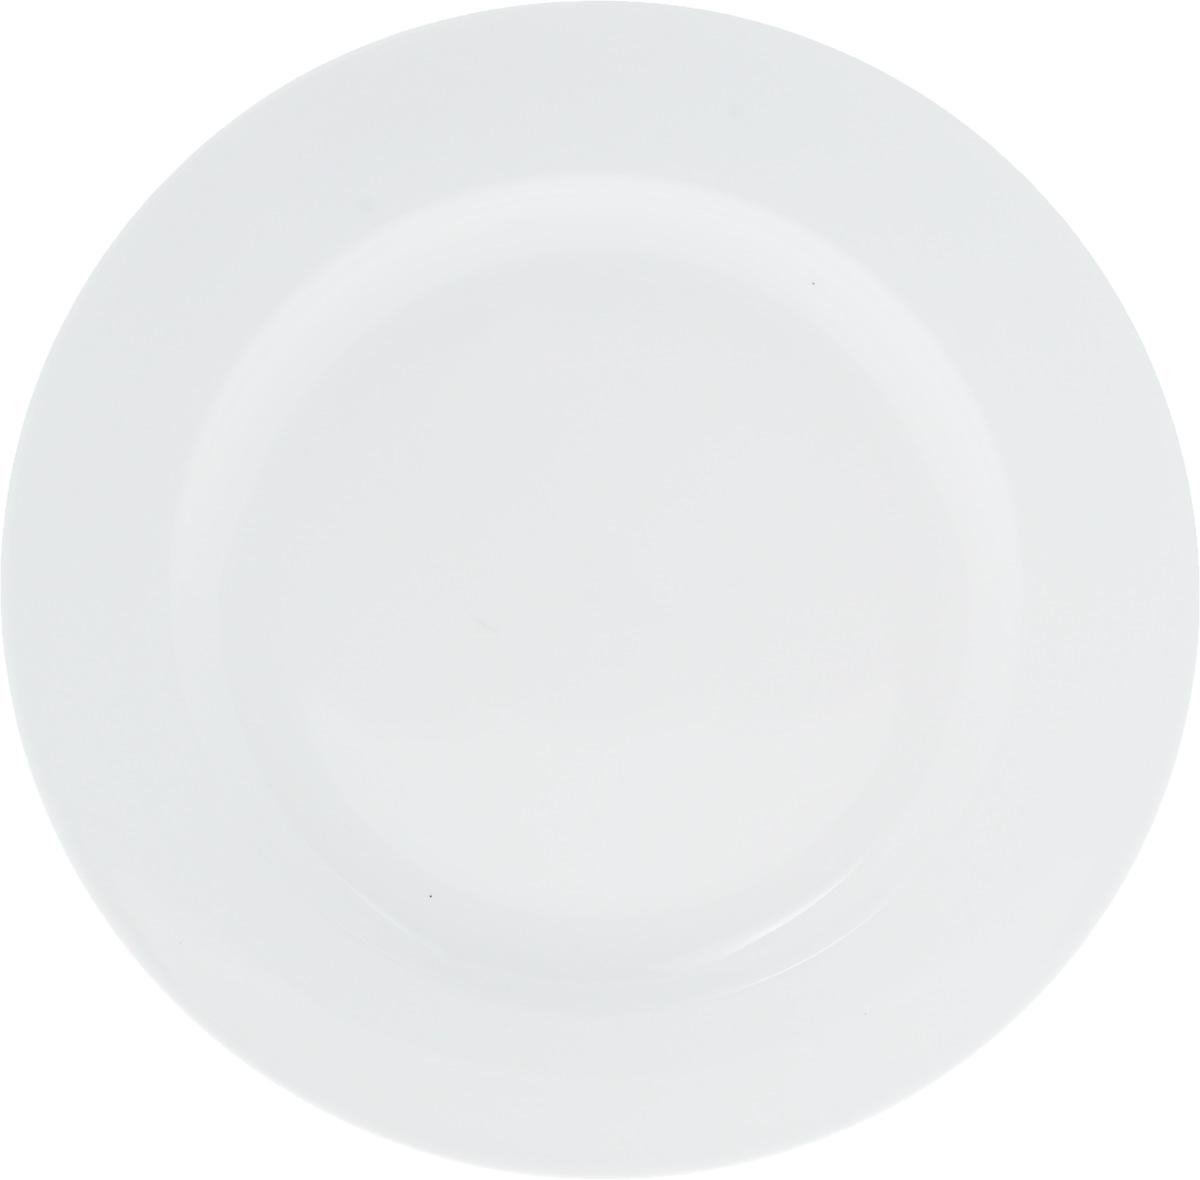 Блюдо Wilmax, диаметр 30,5 смVT-1520(SR)Оригинальное круглое блюдо Wilmax, изготовленное из фарфора с глазурованным покрытием, прекрасноподойдет для подачи нарезок, закусок и других блюд. Фарфор от Wilmax изготовлен по уникальному рецепту из сплава магния и алюминия, благодаря чему посуда обладает характерной белизной, прочностью и устойчивостью к сколами. Особый состав глазури обеспечивает гладкость и блеск поверхности изделия.Оно украсит ваш кухонный стол, а также станет замечательным подарком к любому празднику.Можно мыть в посудомоечной машине и использовать в микроволновой печи. Изделие пригодно для использования в духовых печах и выдерживает температуру до 300°С.